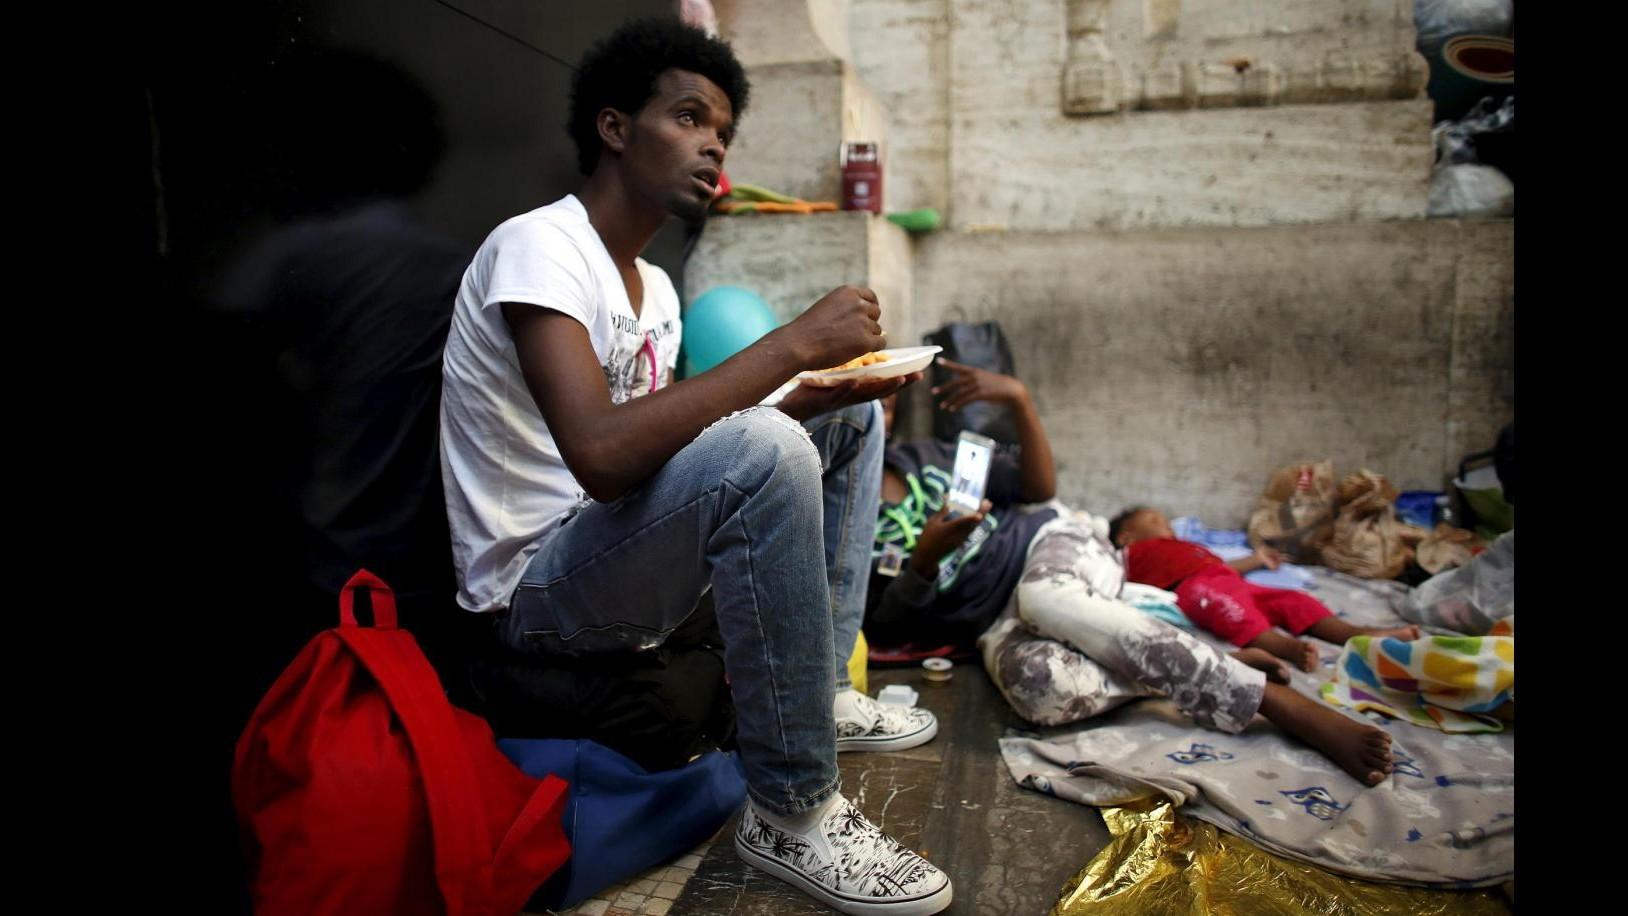 Milano, in Stazione Centrale sospetto caso di malaria trai profughi